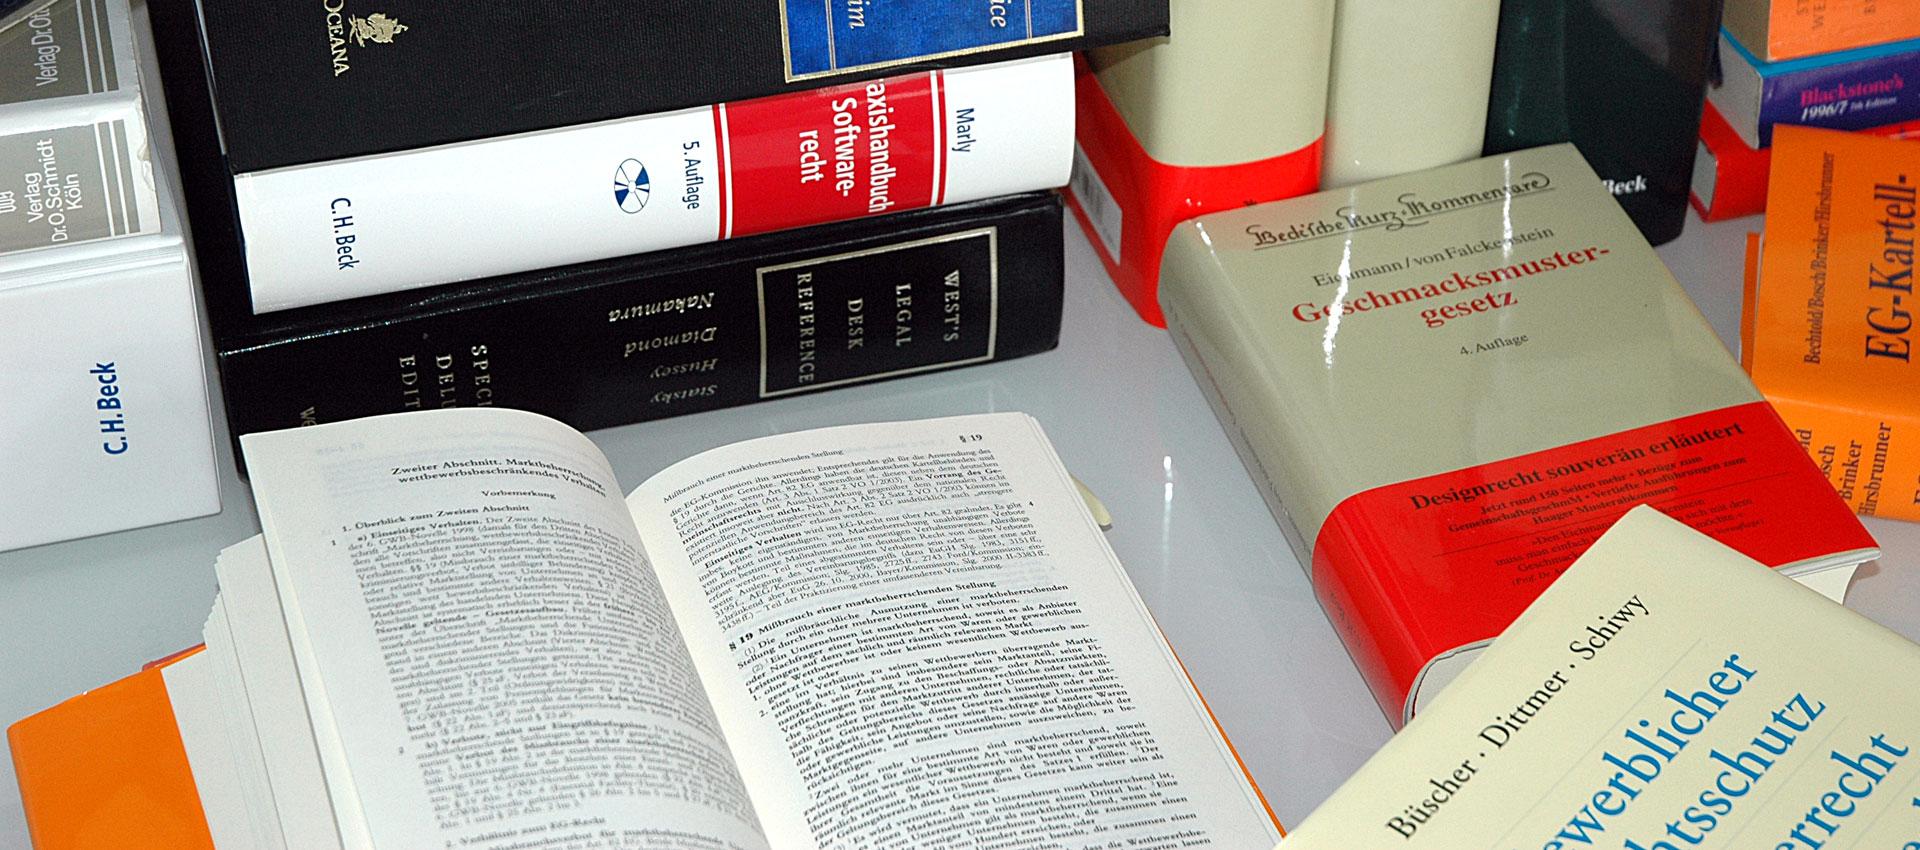 Kanzlei für Compliancerechte - horak. Rechtsanwälte Hannover - Wir sind Rechtsanwälte/ Fachanwälte/ Patentanwälte für das Gebiet des Compliancerechtes.